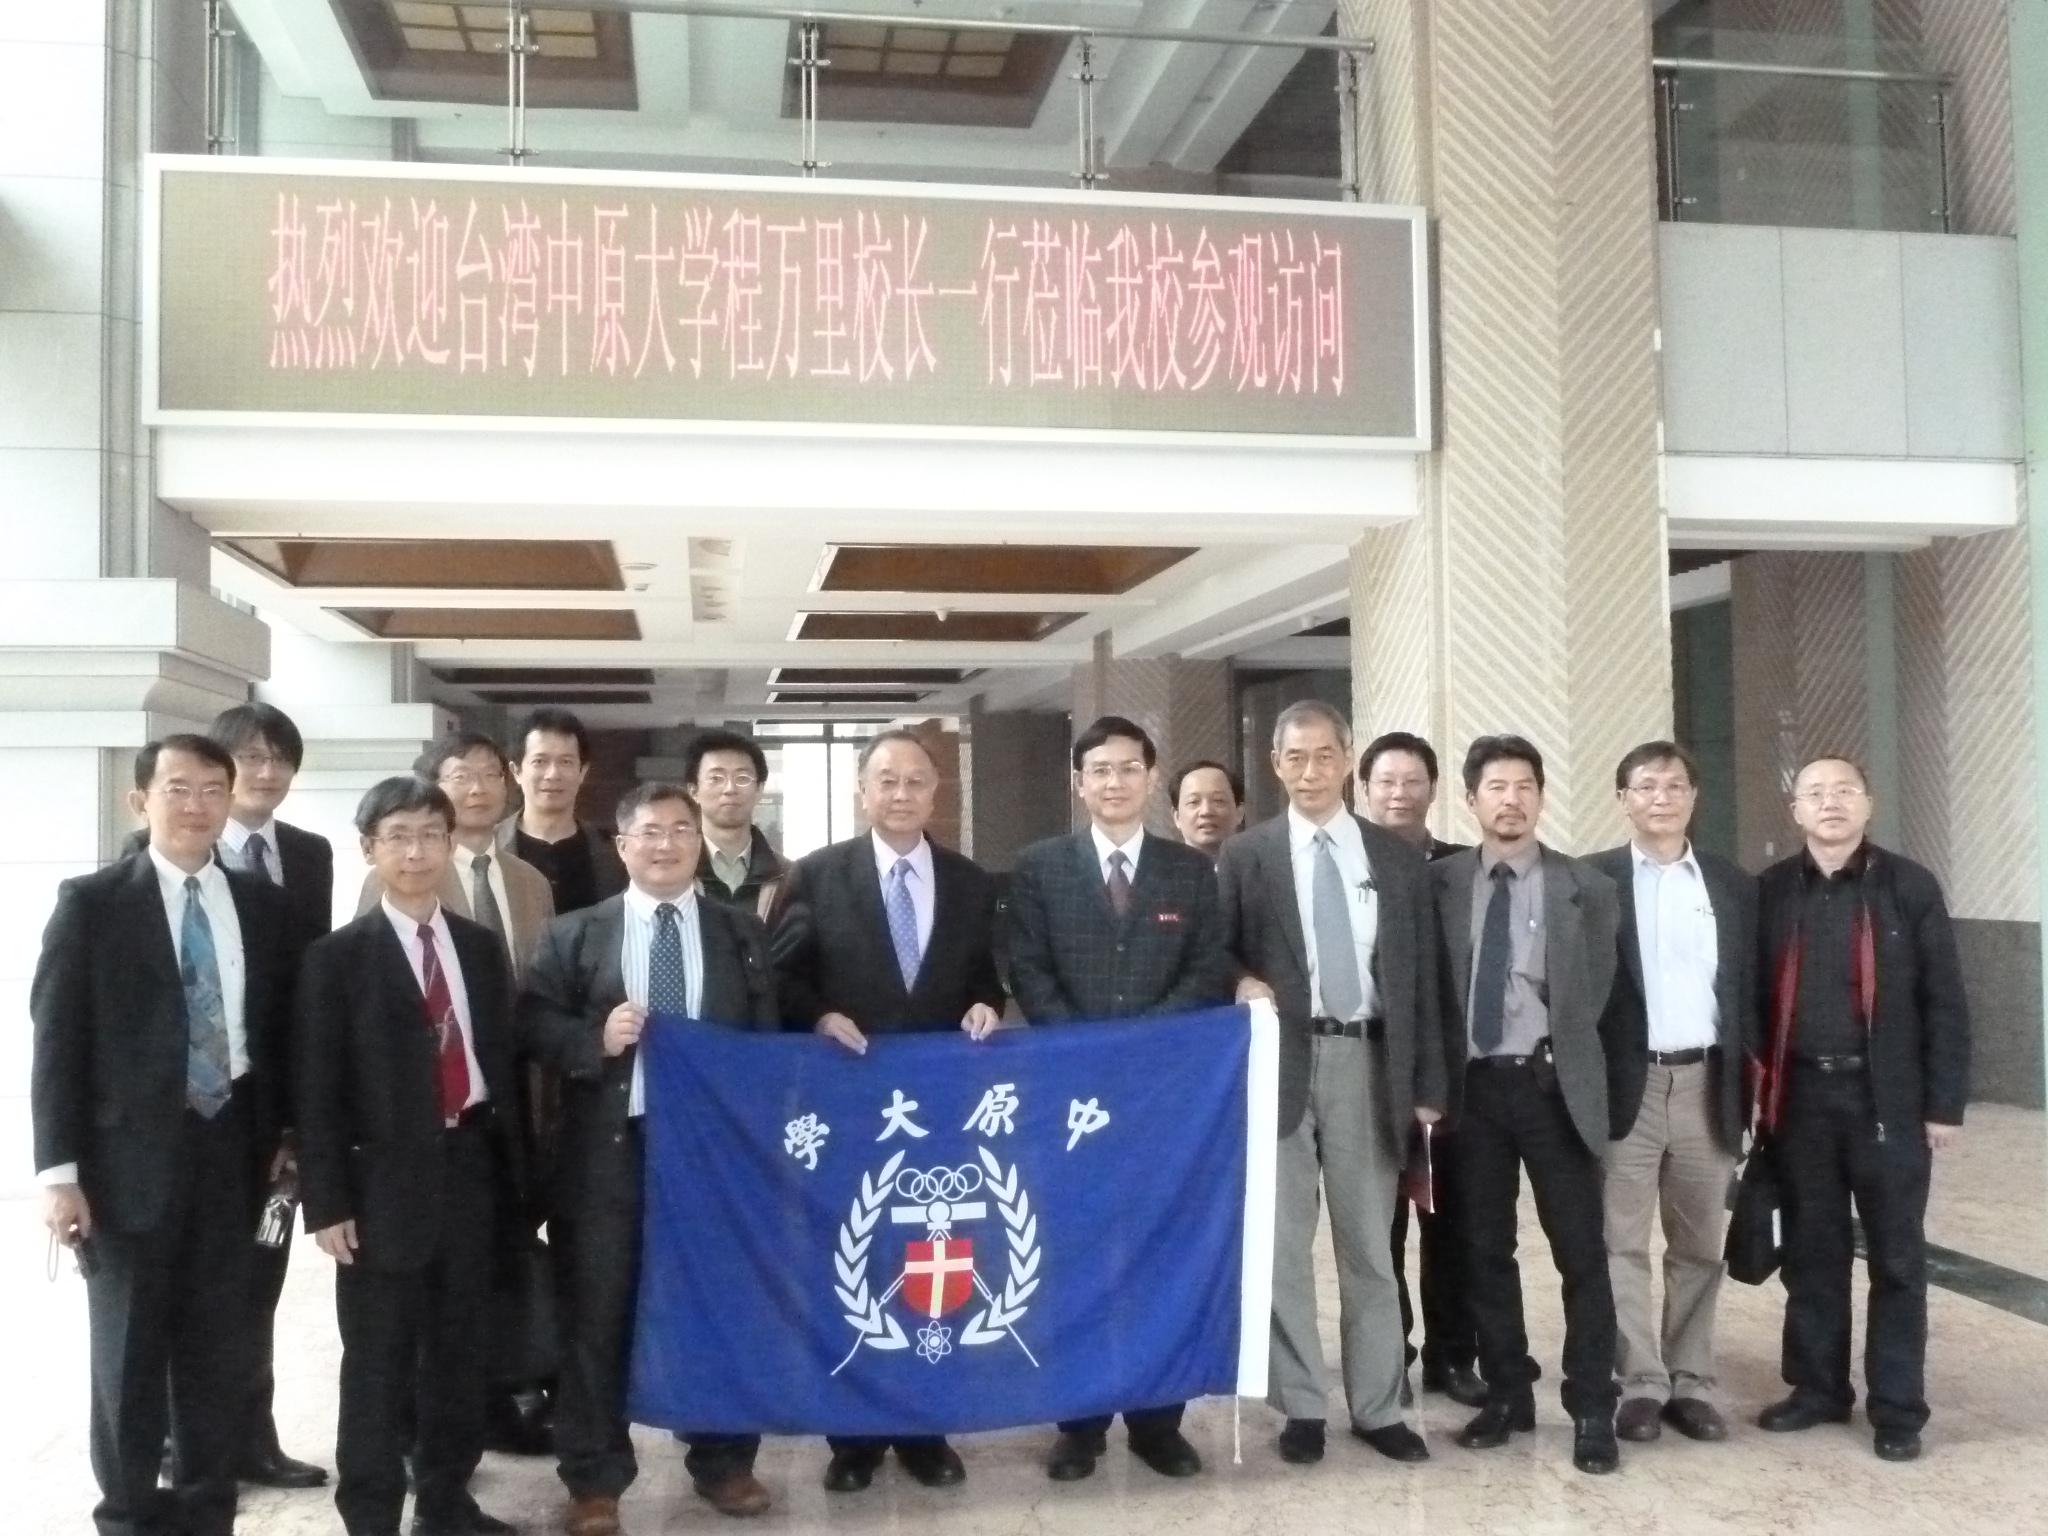 中原參訪華僑與集美大學 推動兩岸學術交流